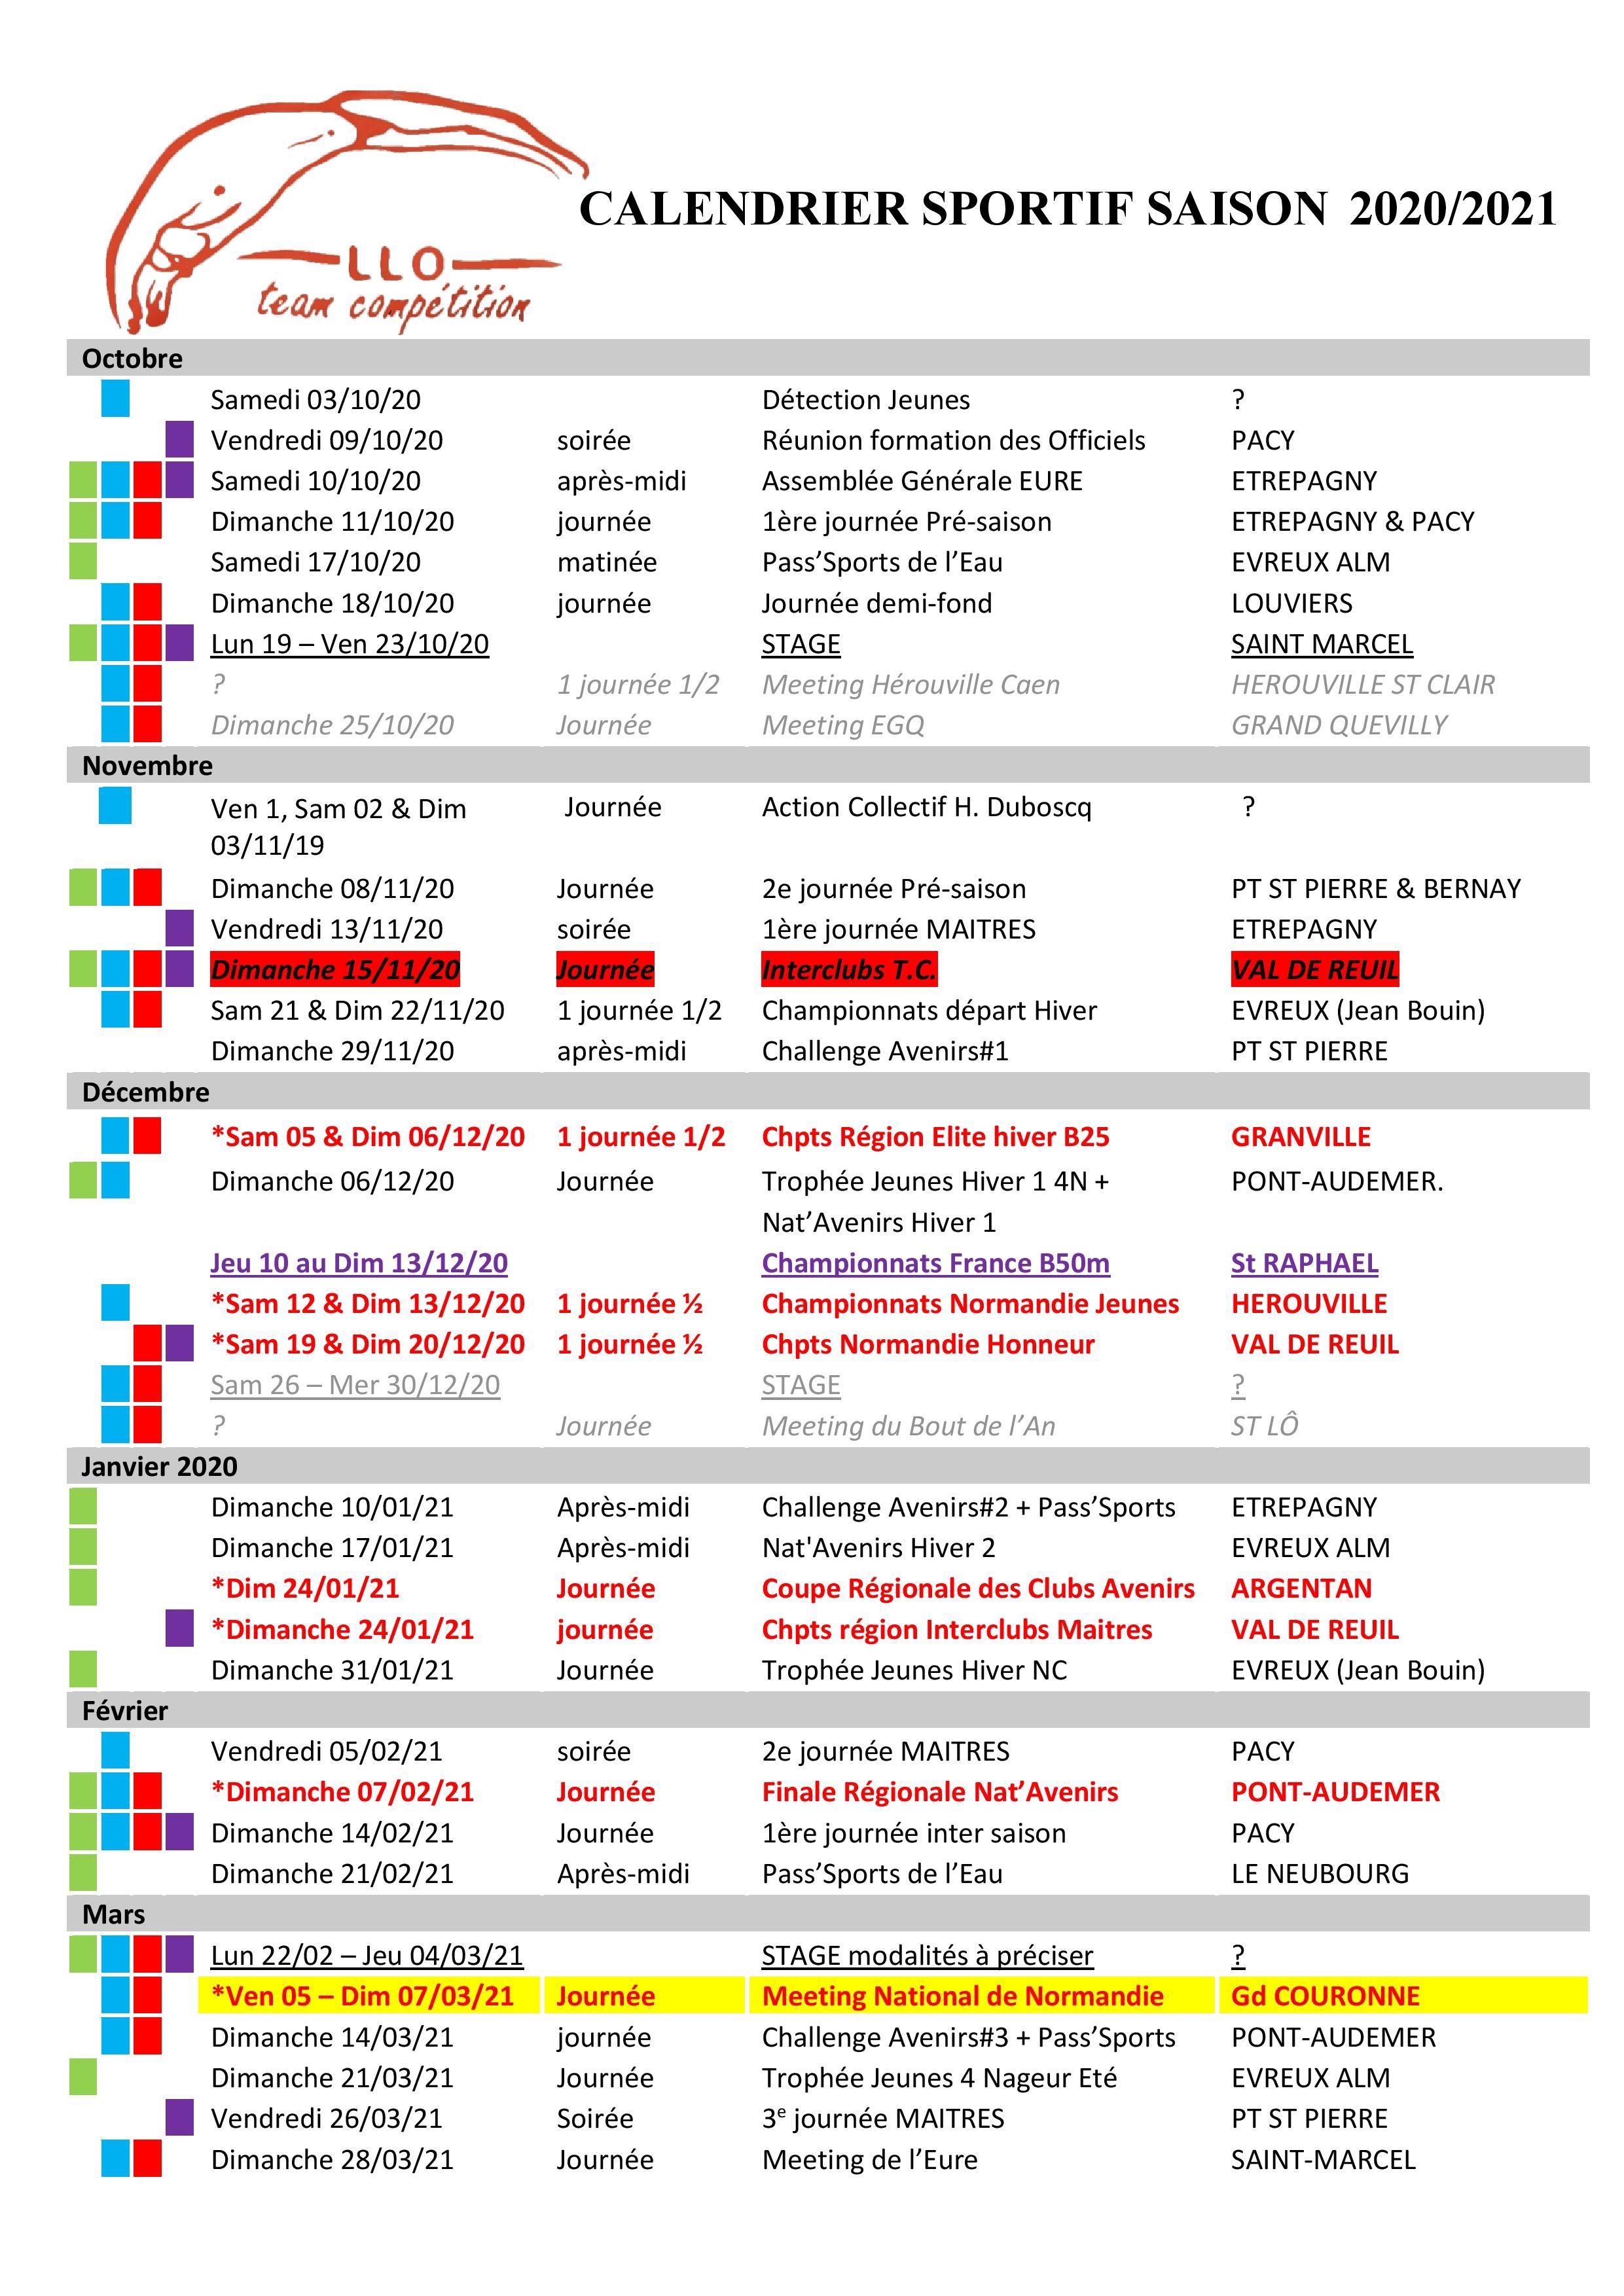 Calendrier Sportif 2021 L.L.O ST MARCEL   VERNON   Calendrier Sportif 2020 2021